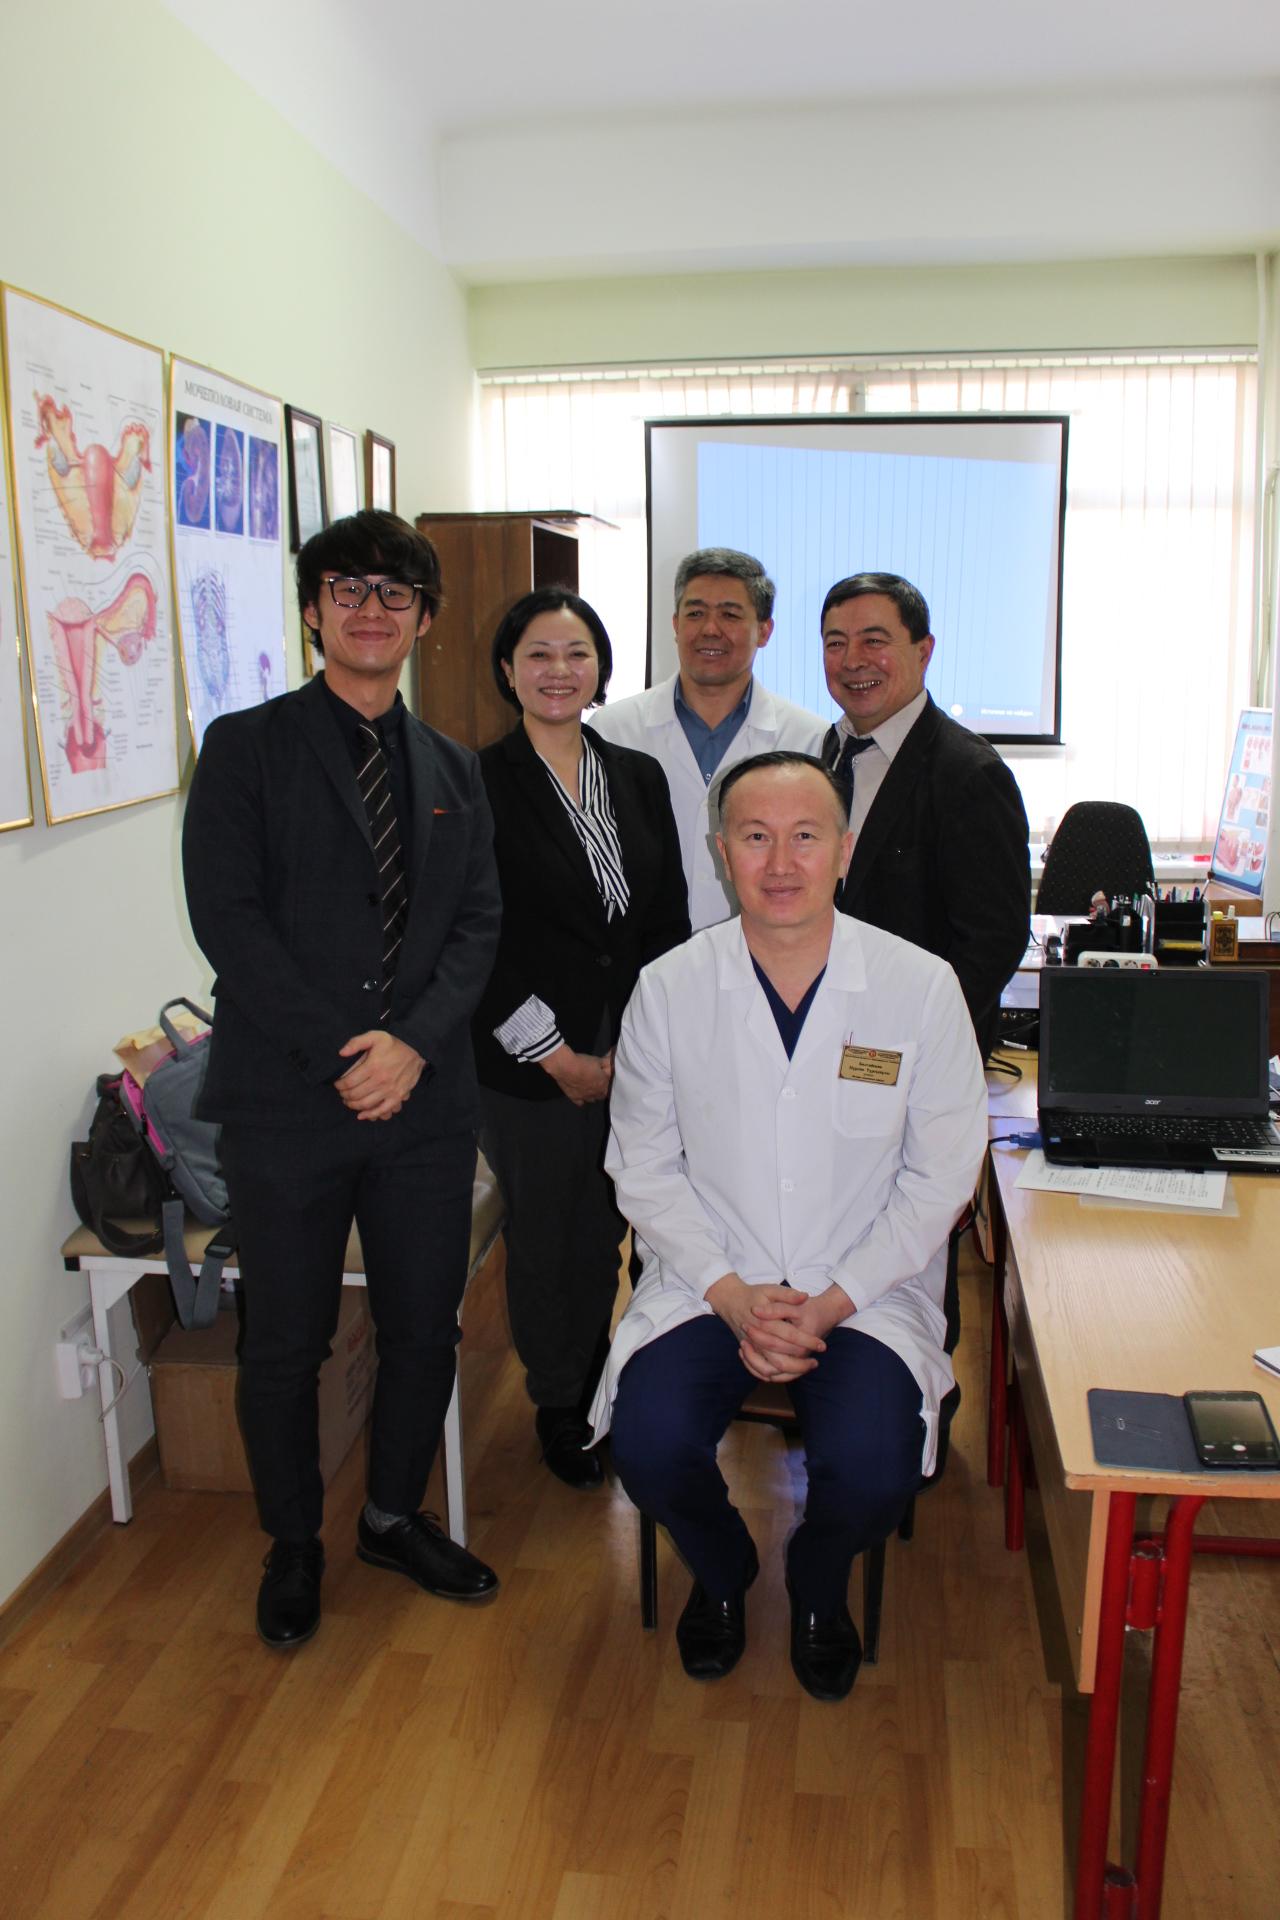 ヨーロッパのオンコロジー学会会員でもあるノルワン医師を交えて(右下)